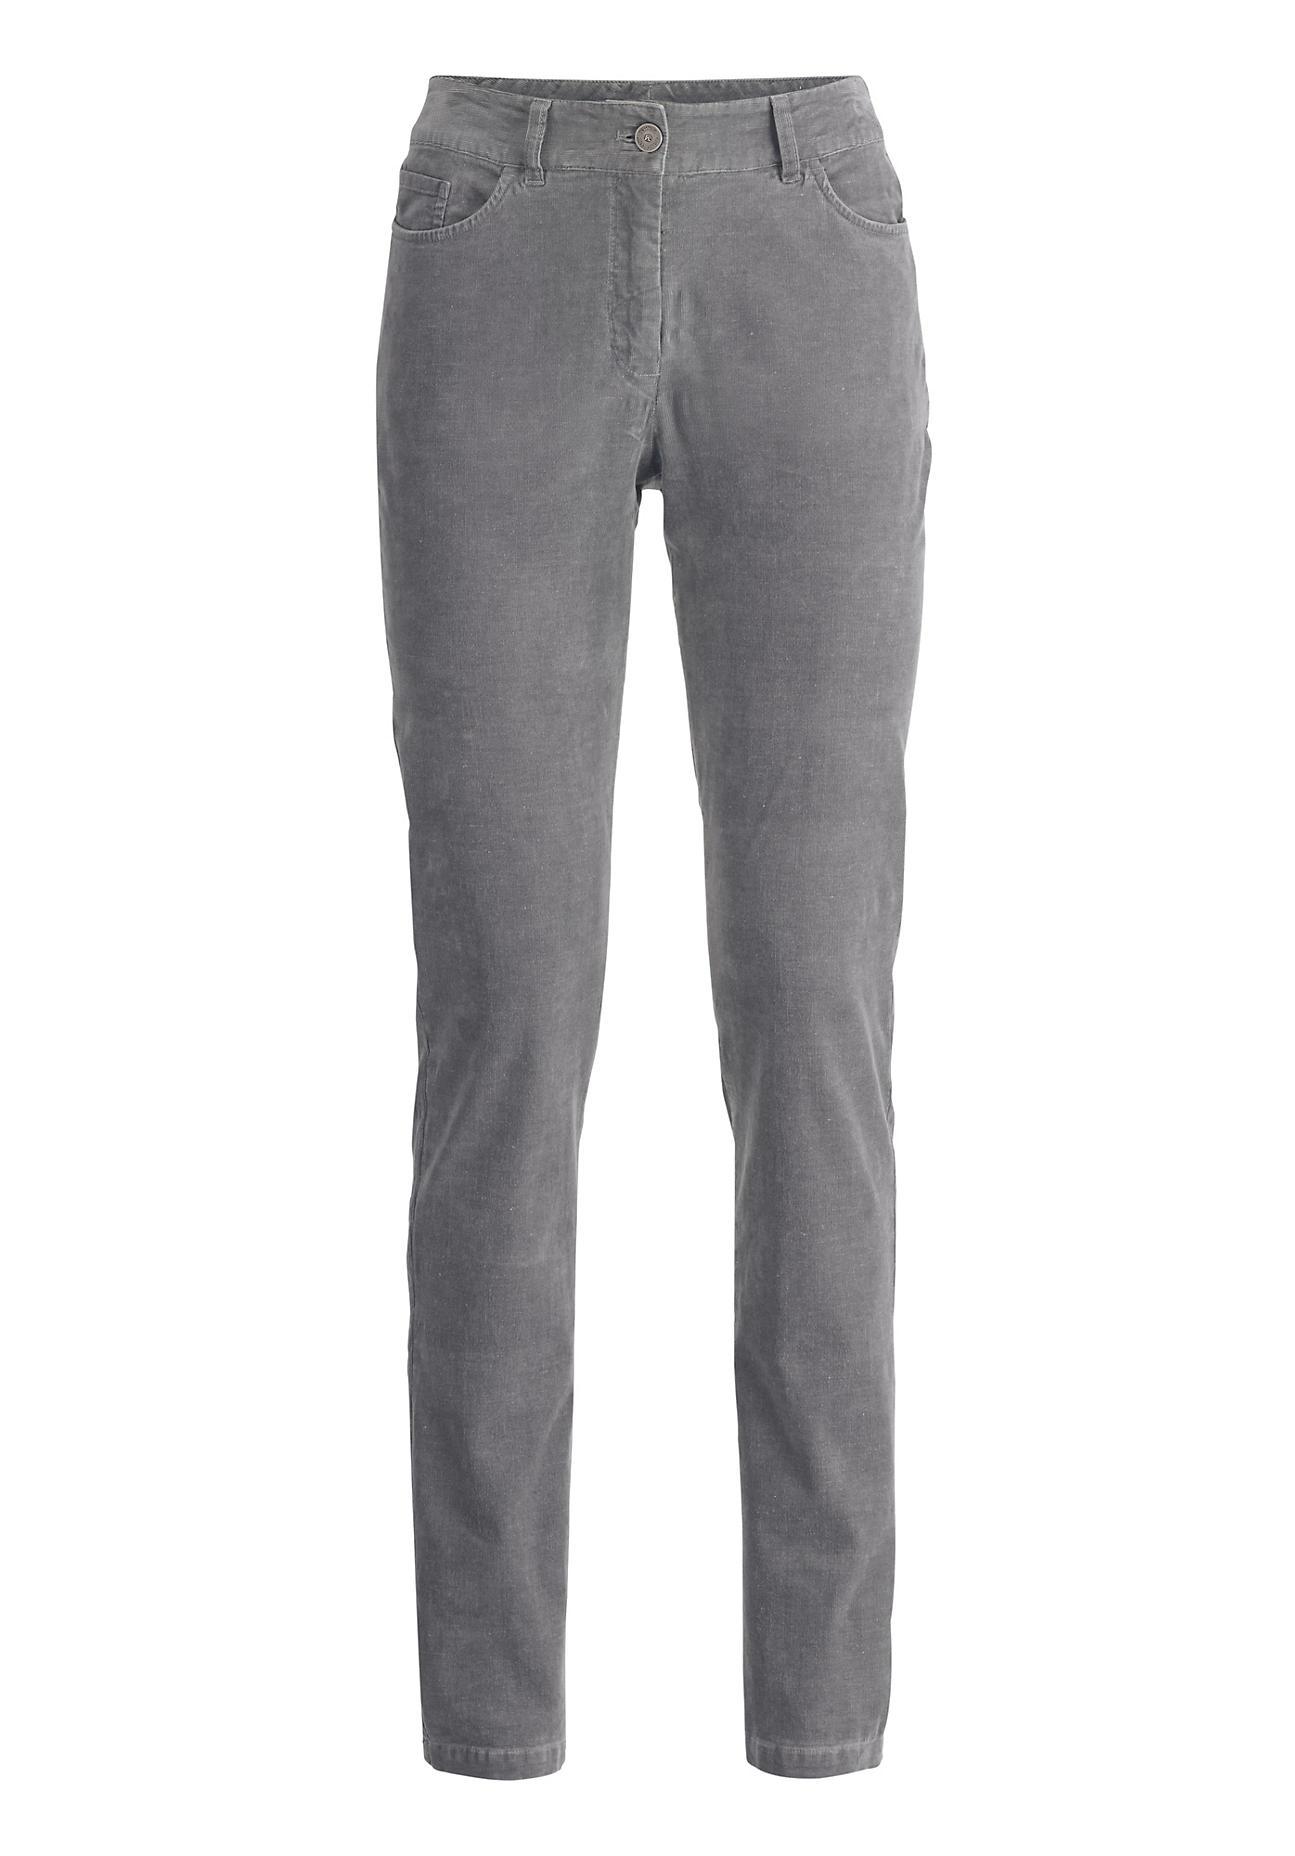 Hosen für Frauen - hessnatur Damen Cord Hose aus Bio Baumwolle mit Hanf – grau –  - Onlineshop Hessnatur